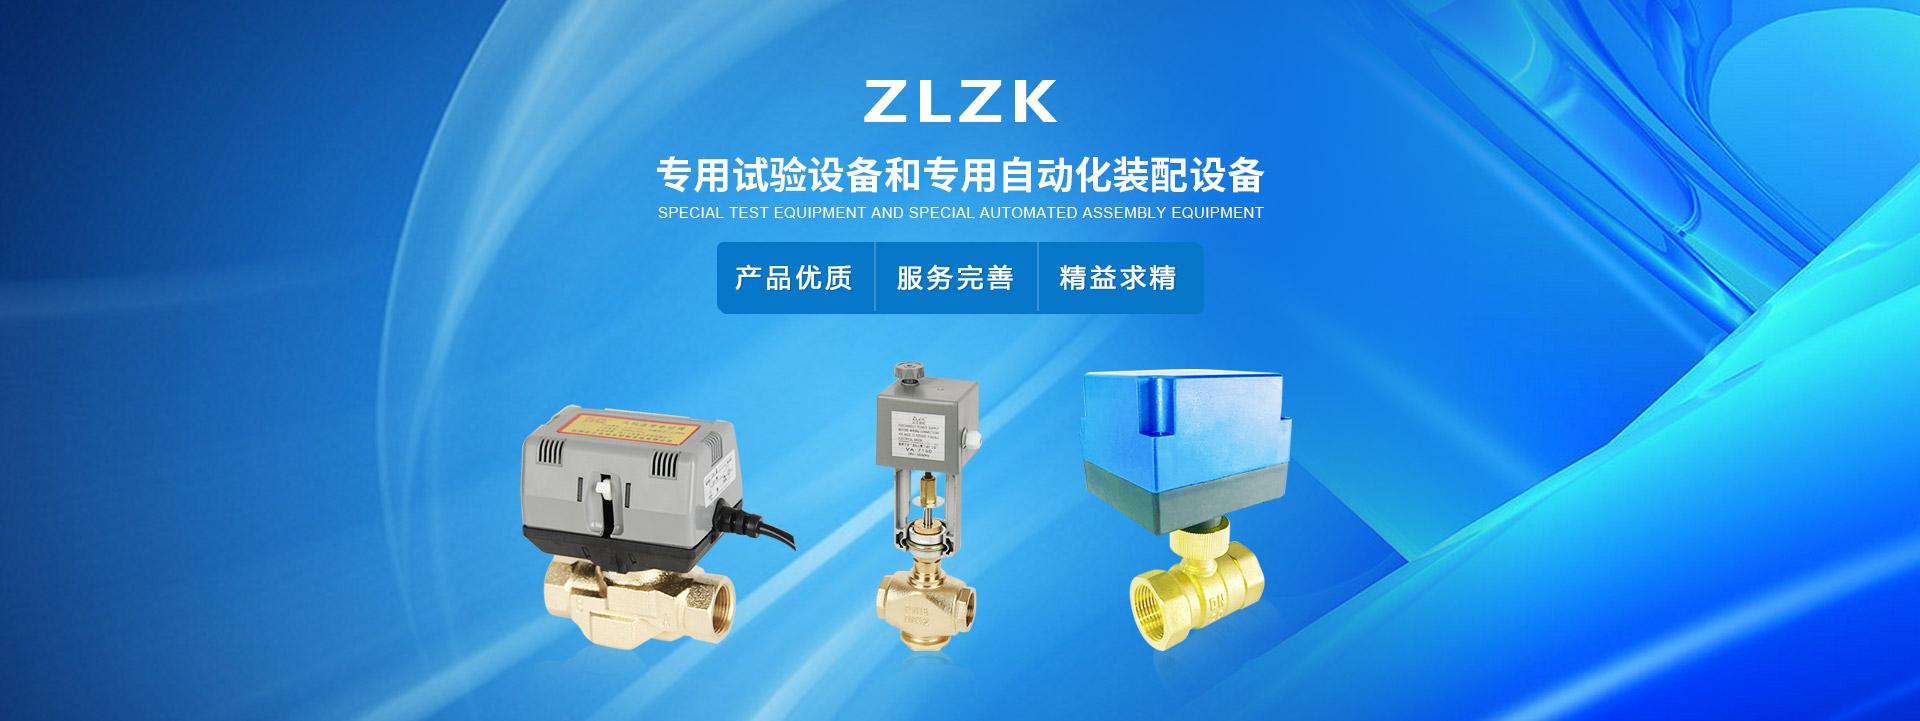 杭州正立自动化控制系统有限公司